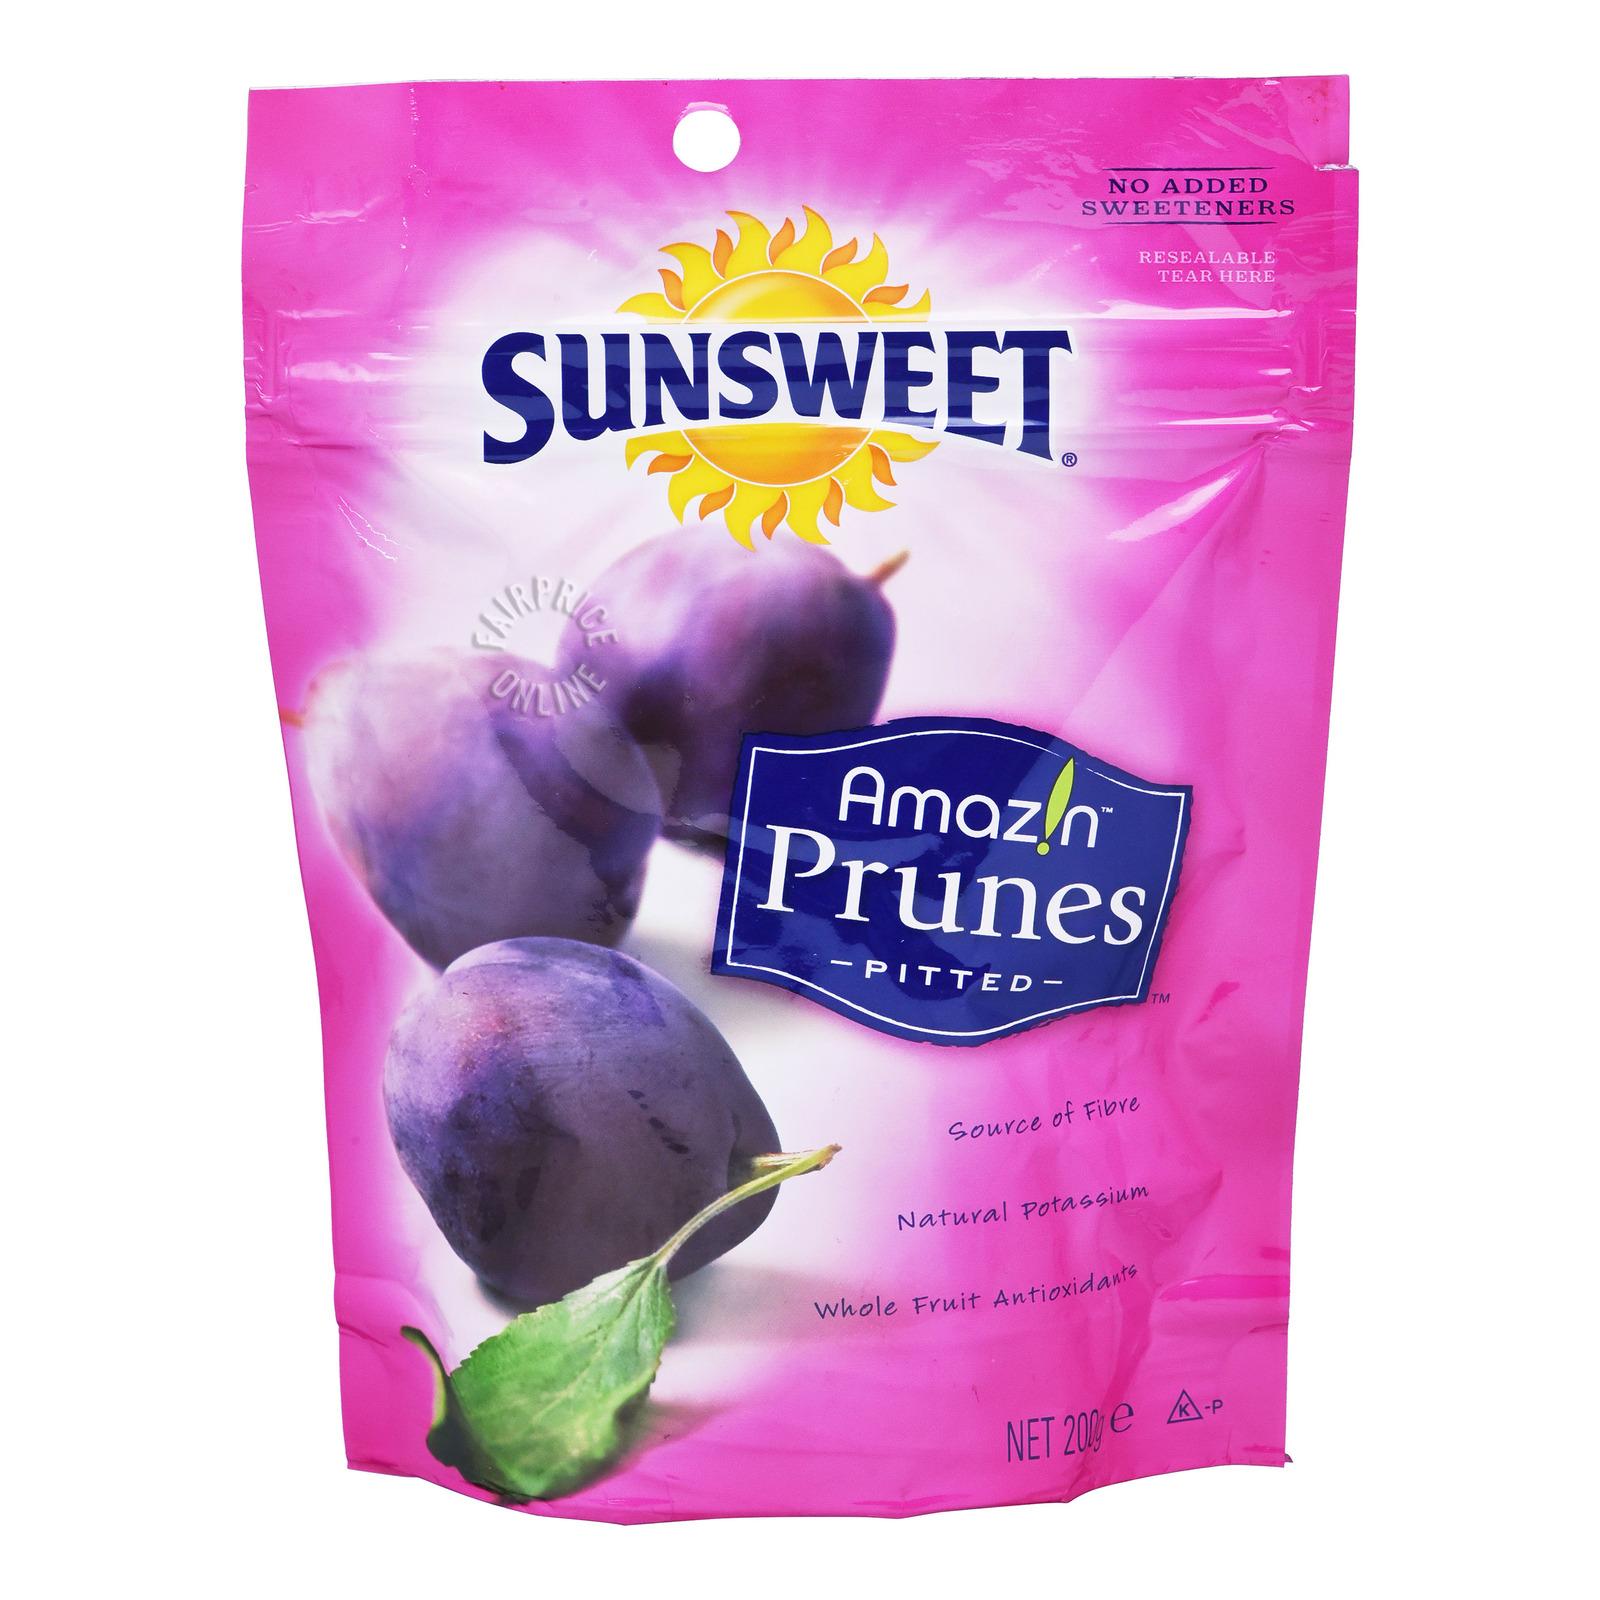 SUNSWEET Pitted Prune (USA) 227g